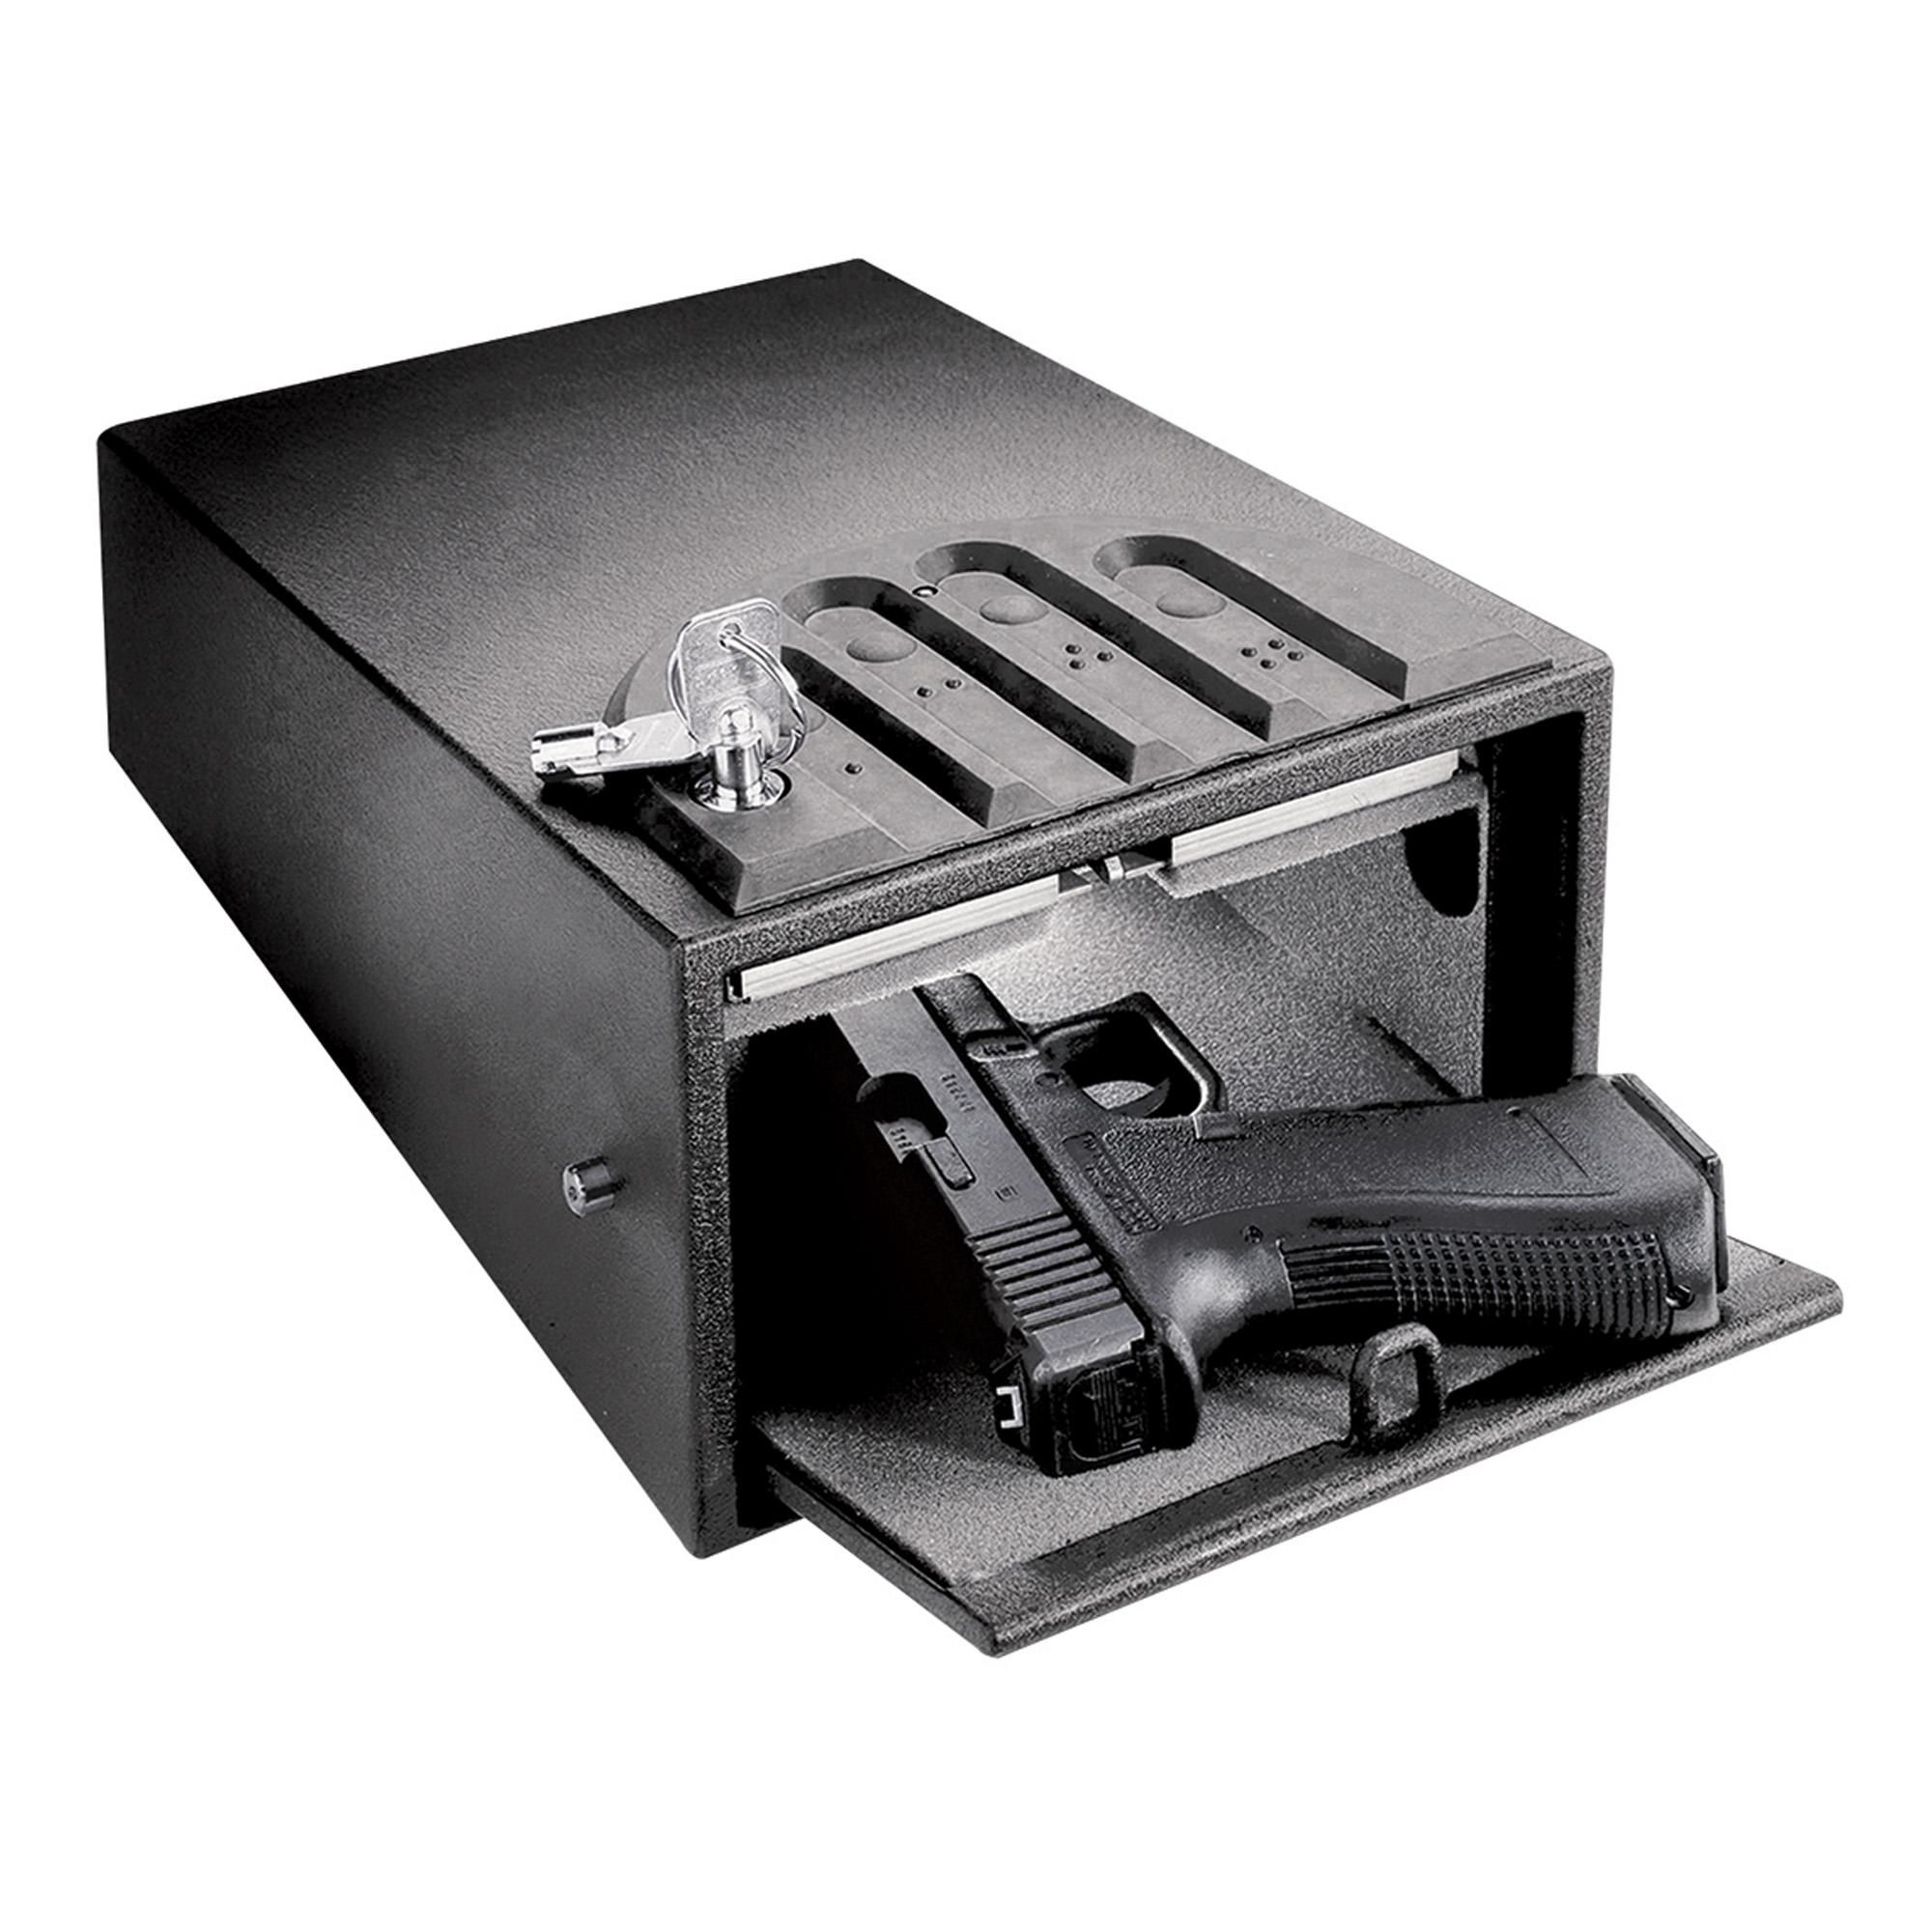 Gunvault Minivault Std Safe 12x8x5